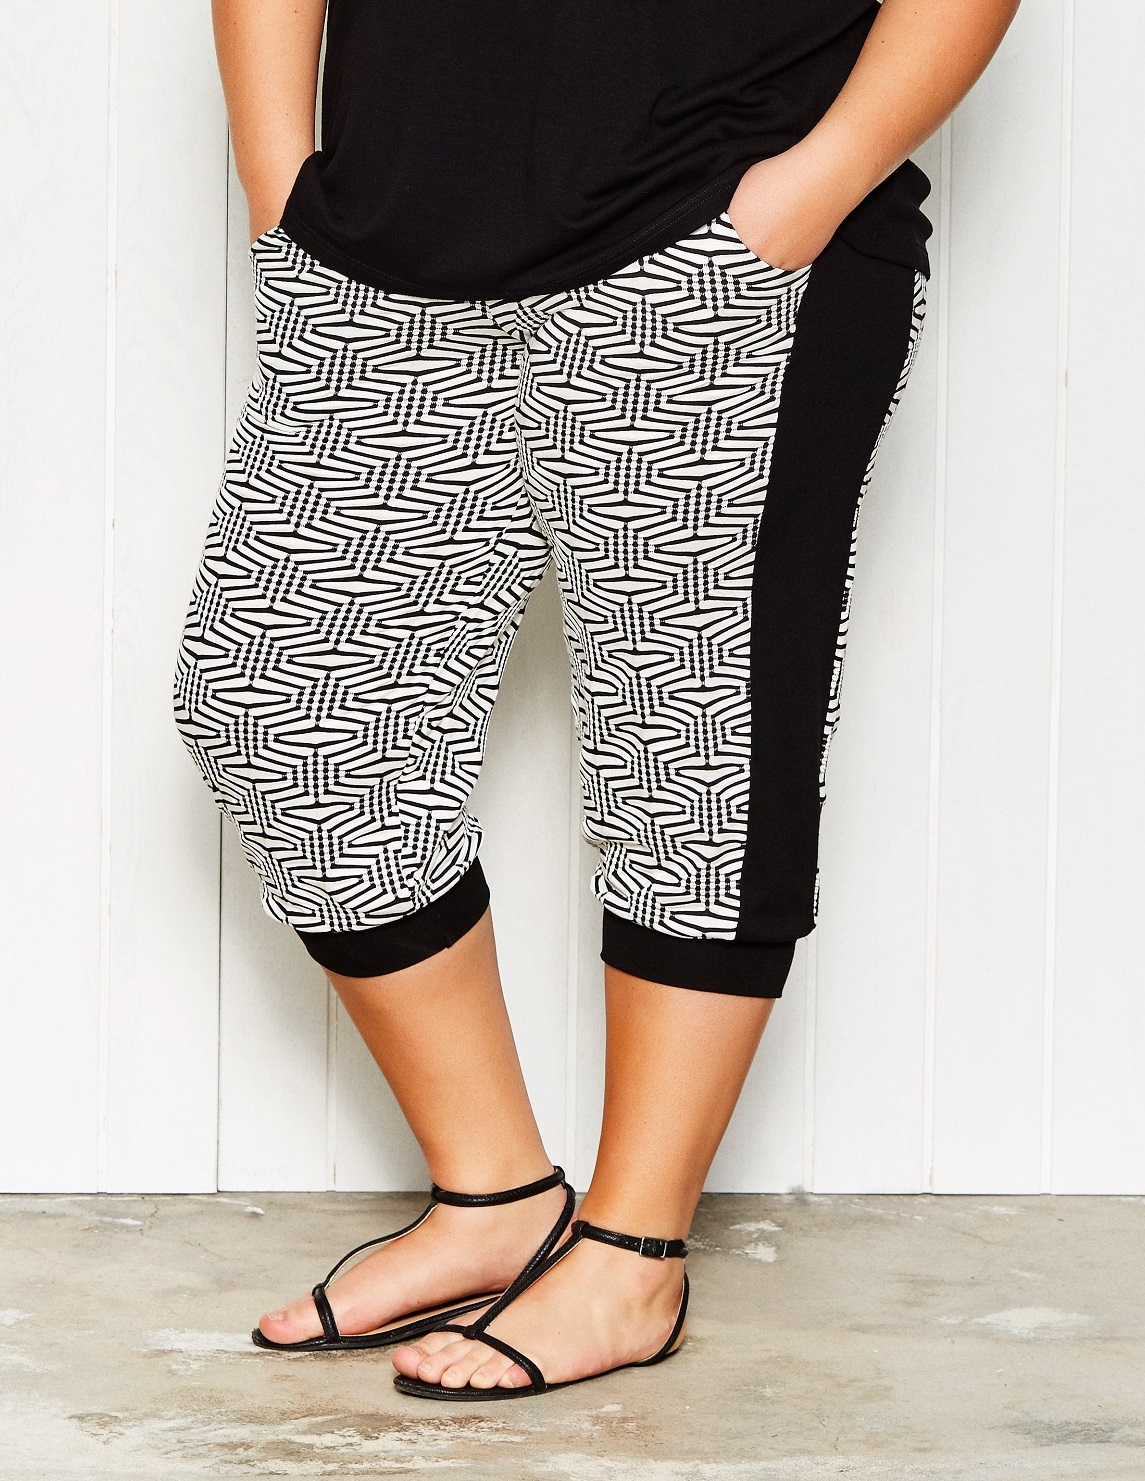 Sort og hvid mønstrede capri bukser